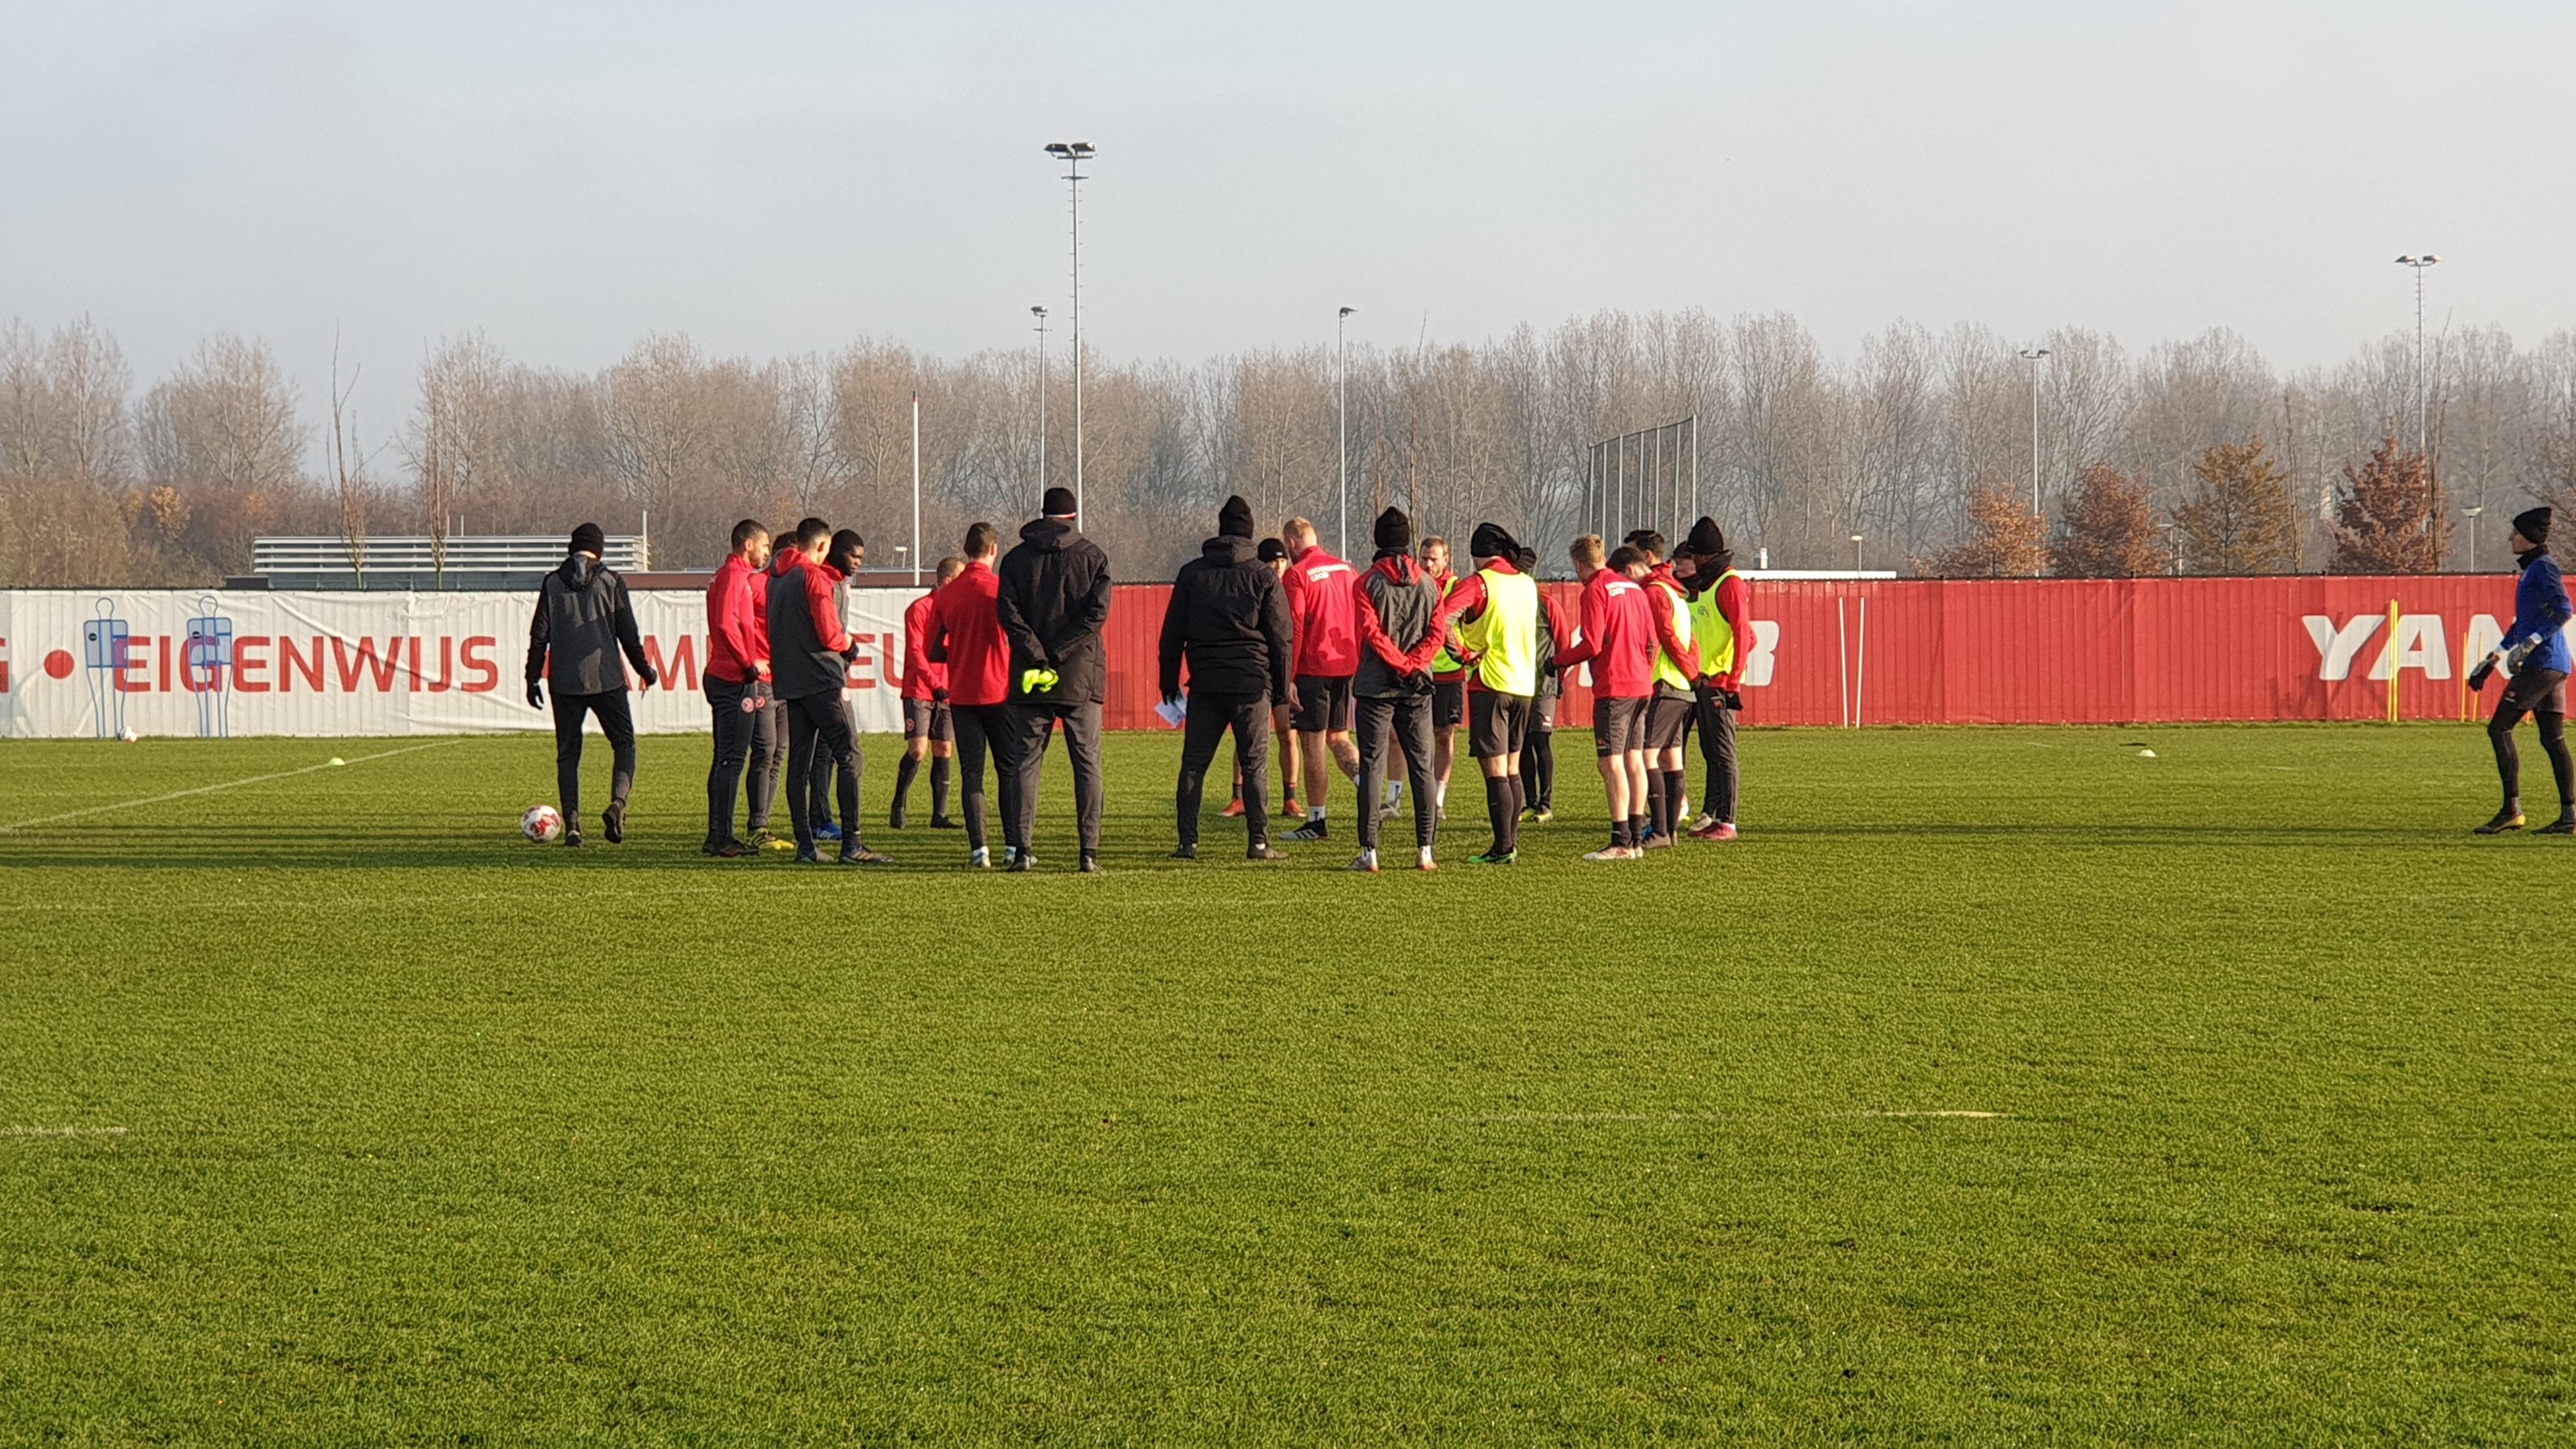 Voorbeschouwing: Almere City FC wil na 3 nederlagen weer eens winnen